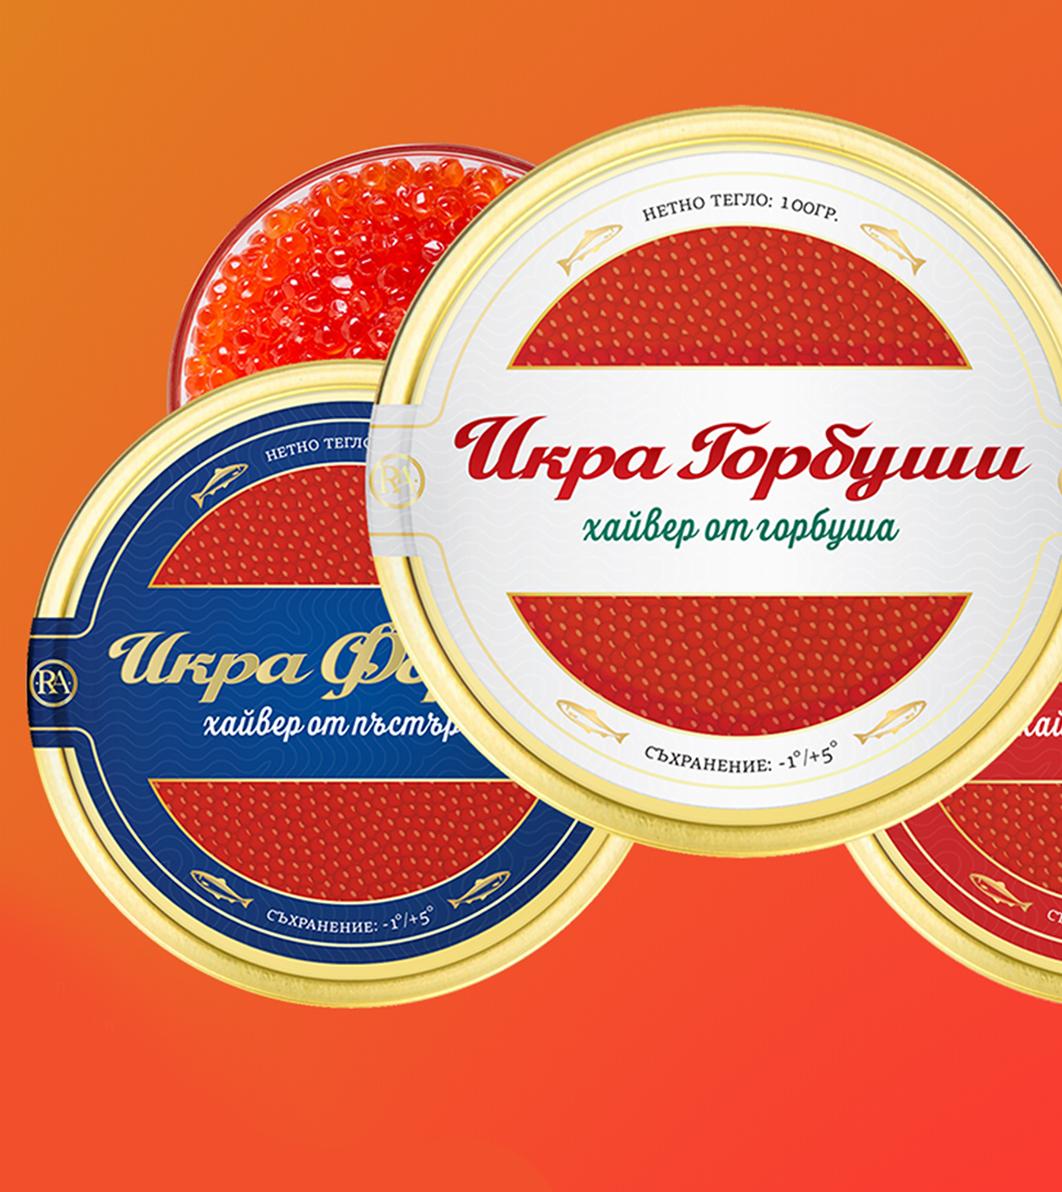 графичен дизайн на етикет за червен хайвер